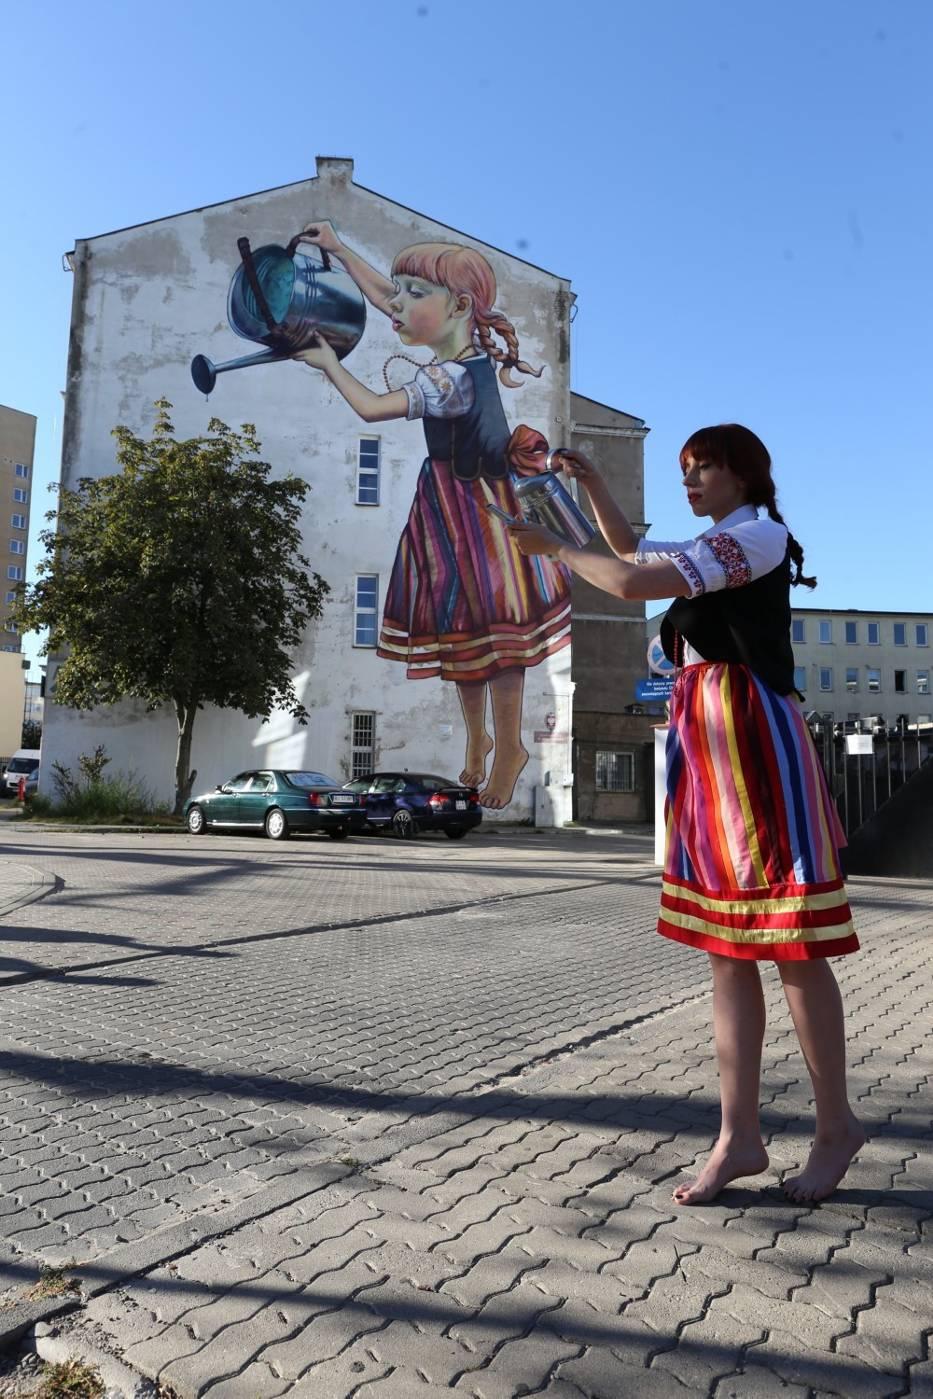 Dziewczynka z konewk na ywo modowy performance w for Mural bialystok dziewczynka z konewka